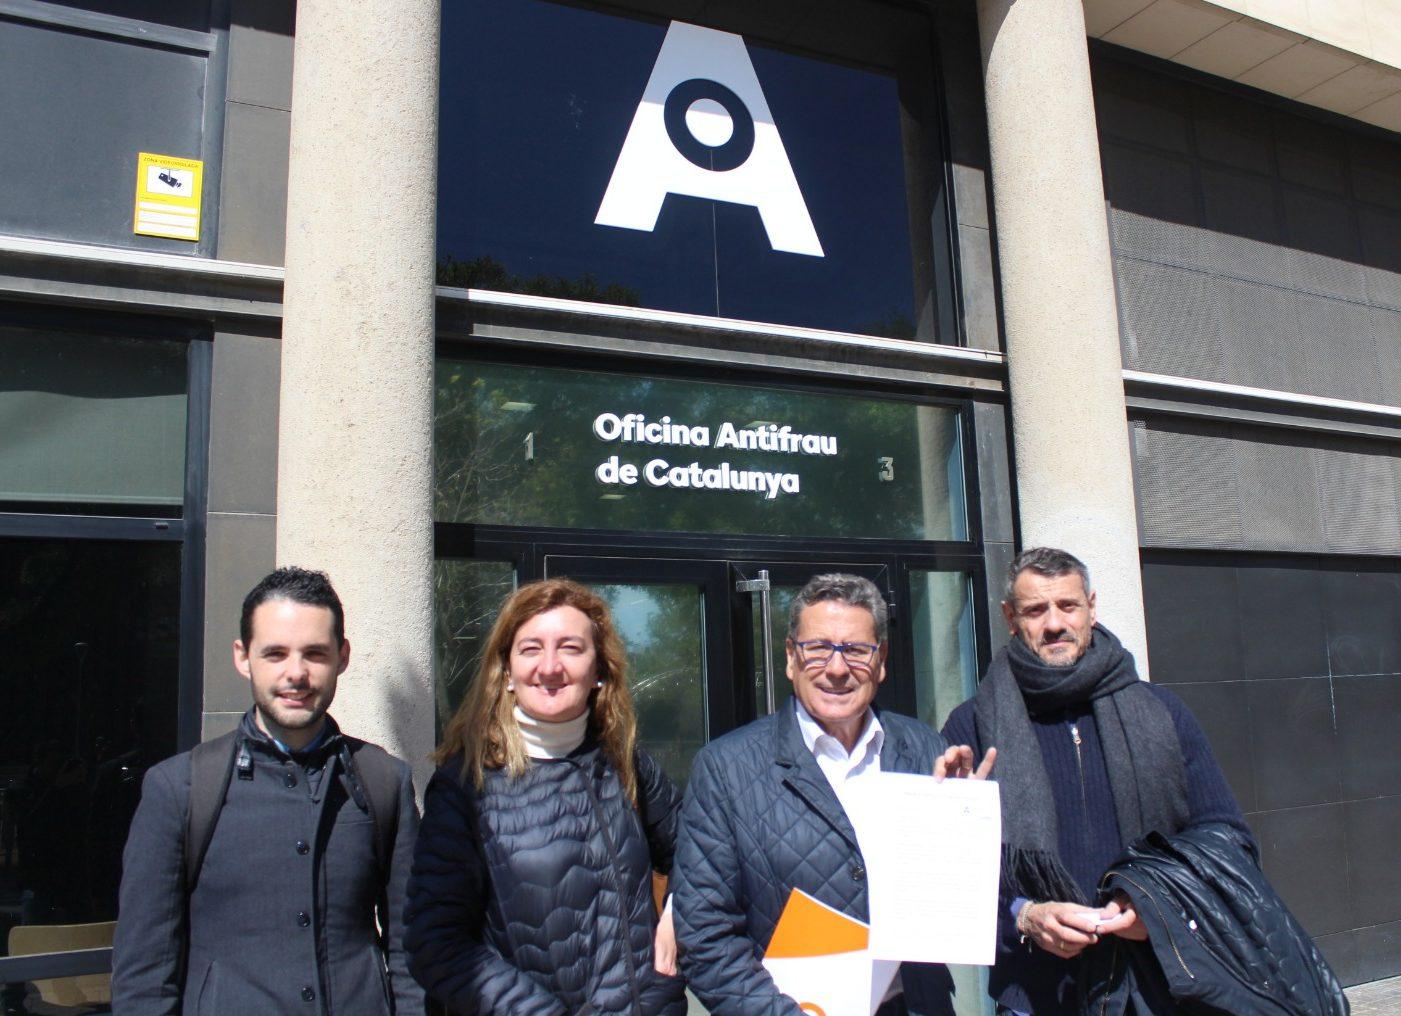 Los cuatro concejales de Ciudadanos lHospitalet presentan la denuncia en la Oficina Antifraude